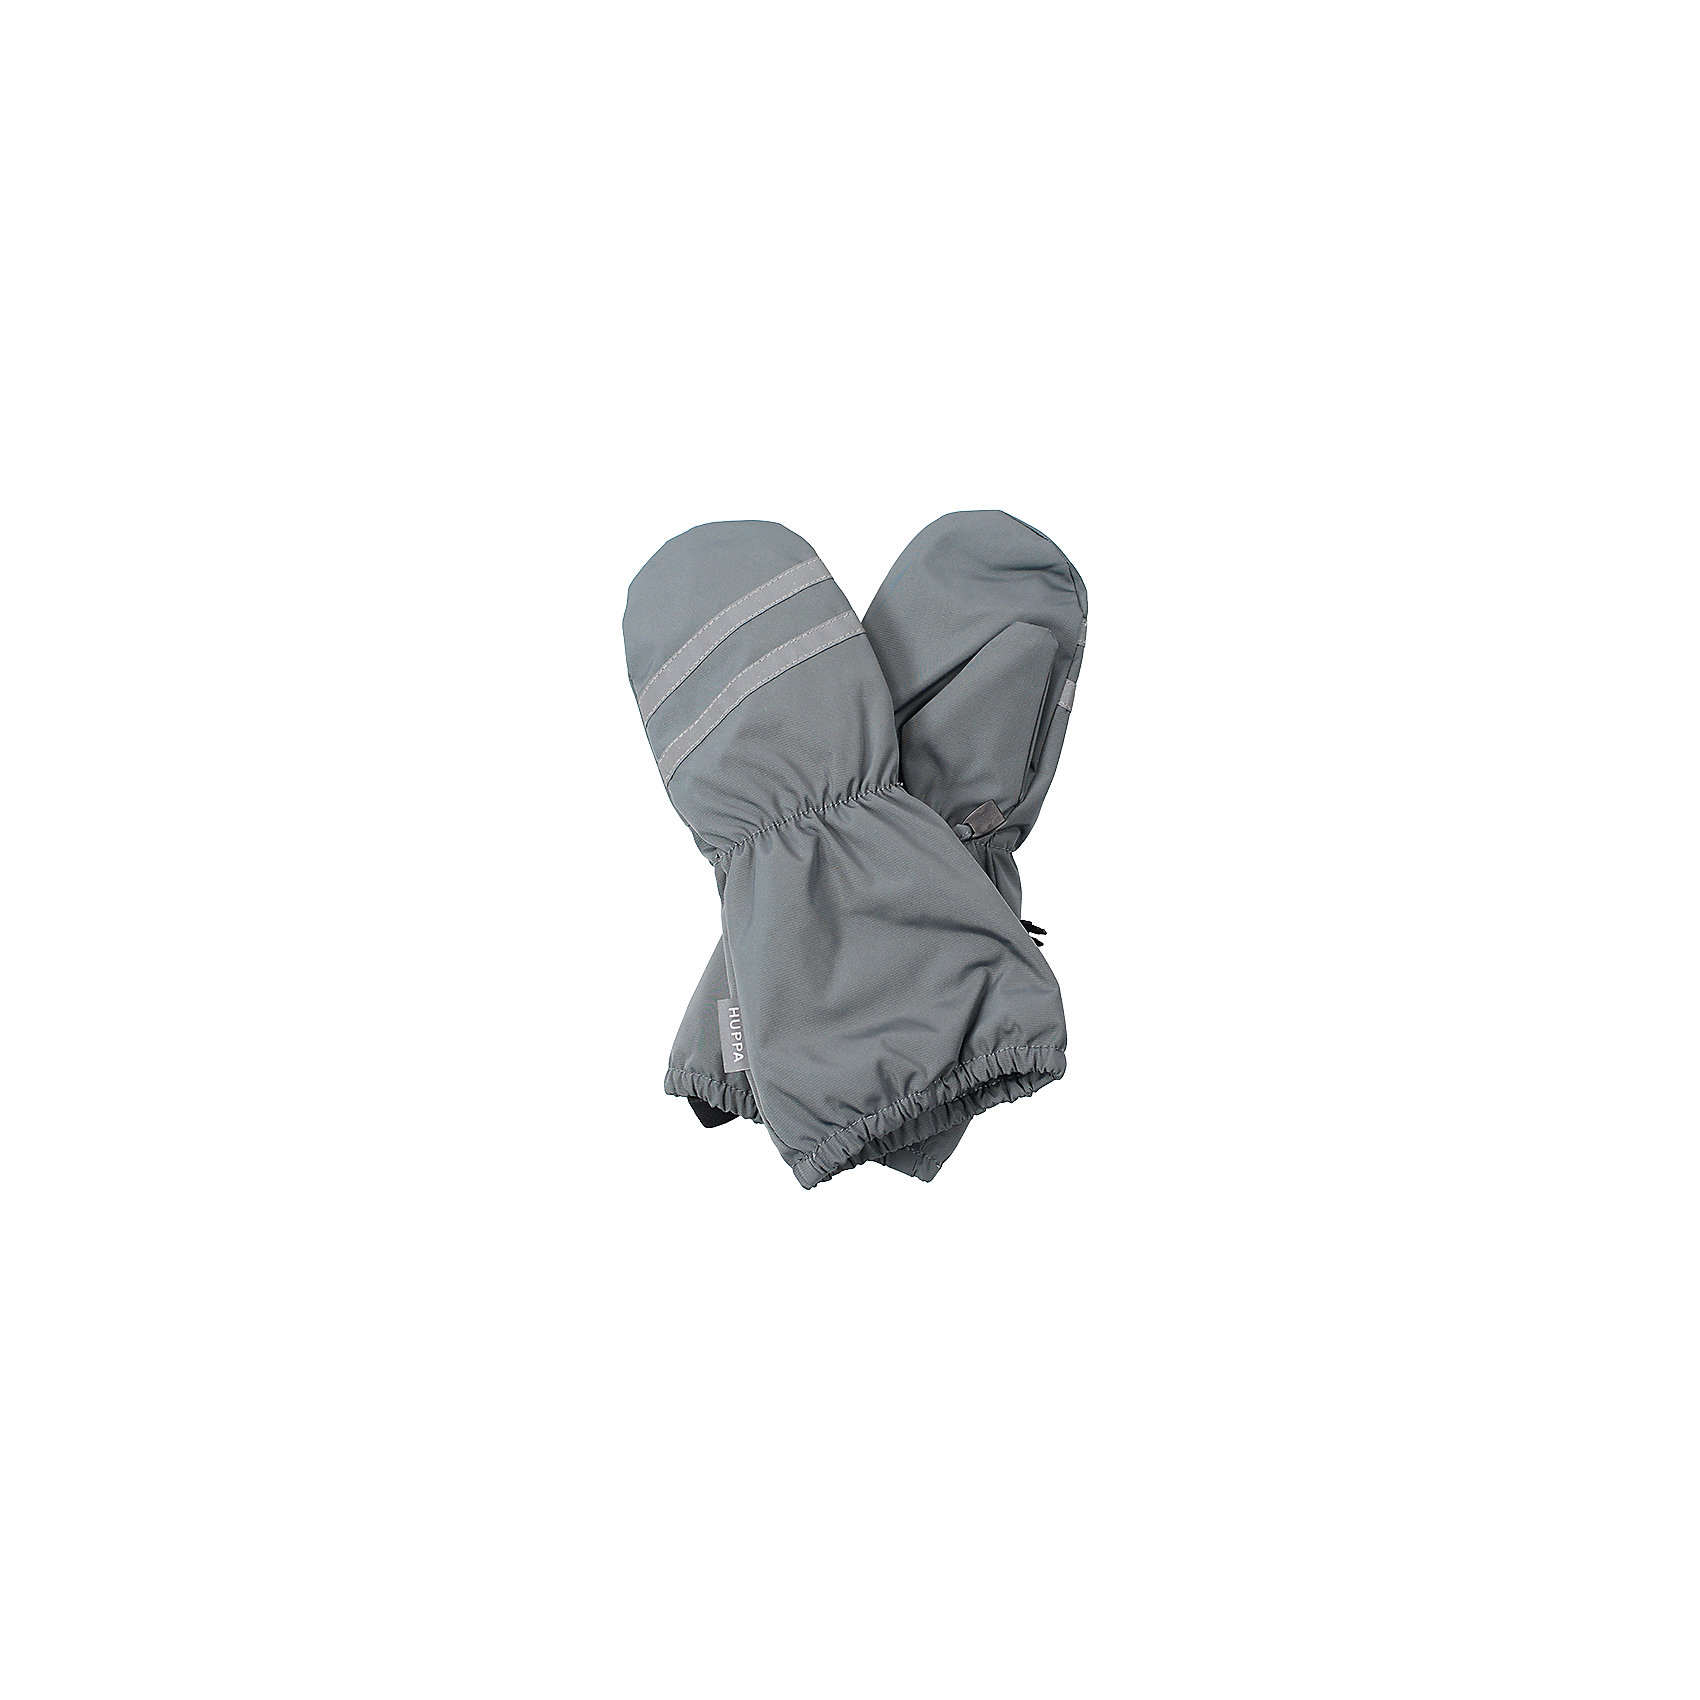 Варежки Kei для мальчика HuppaПерчатки, варежки<br>Характеристики товара:<br><br>• цвет: серый<br>• состав: 100% полиэстер<br>• подкладка: 100% полиэстер<br>• температурный режим: от 0°до +10°С<br>• водонепроницаемость: 10000 мм<br>• воздухопроницаемость: 10000 мм<br>• не продуваемые<br>• светоотражающие детали<br>• не промокаемые <br>• прочная ткань<br>• комфортная посадка<br>• страна бренда: Эстония<br><br>Эти варежки обеспечат детям тепло и комфорт в межсезонье. Они сделаны из материала, отталкивающего воду, поэтому изделие идеально подходит для межсезонья. Материал изделия - с мембранной технологией: защищая от влаги и ветра, он легко выводит лишнюю влагу наружу. Варежки очень симпатично смотрятся. Модель была разработана специально для детей.<br><br>Одежда и обувь от популярного эстонского бренда Huppa - отличный вариант одеть ребенка можно и комфортно. Вещи, выпускаемые компанией, качественные, продуманные и очень удобные. Для производства изделий используются только безопасные для детей материалы. Продукция от Huppa порадует и детей, и их родителей!<br><br>Варежки KEI от бренда Huppa (Хуппа) можно купить в нашем интернет-магазине.<br><br>Ширина мм: 162<br>Глубина мм: 171<br>Высота мм: 55<br>Вес г: 119<br>Цвет: серый<br>Возраст от месяцев: 48<br>Возраст до месяцев: 60<br>Пол: Мужской<br>Возраст: Детский<br>Размер: 5,4,2,1,3<br>SKU: 4595682